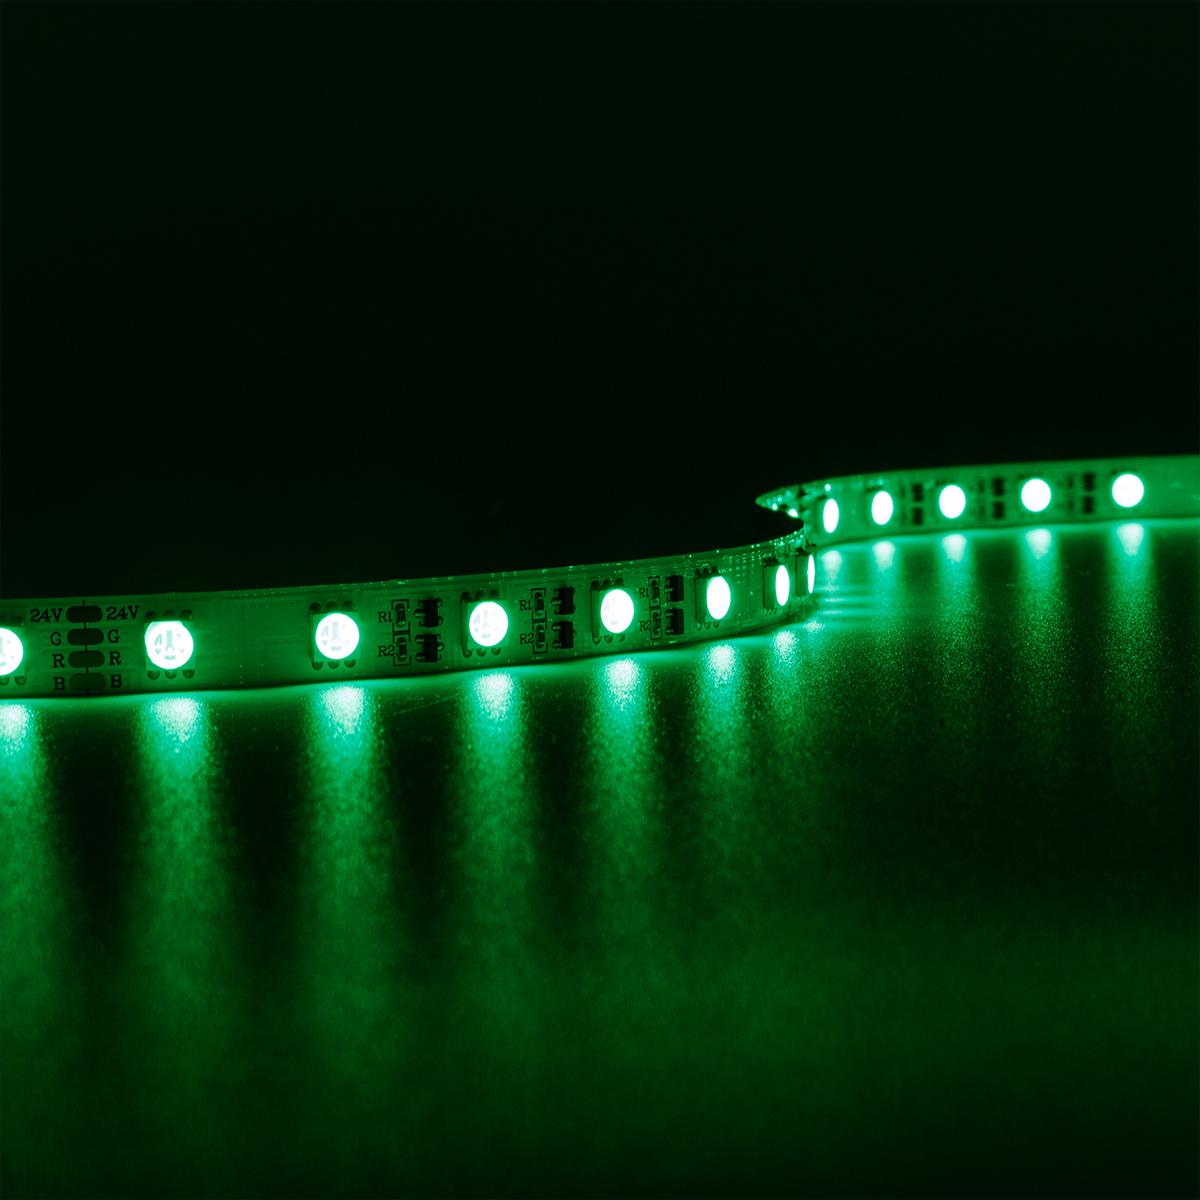 Strip RGB 24V LED Streifen 20M 8W/m 60LED/m IP20 Farbwechsel